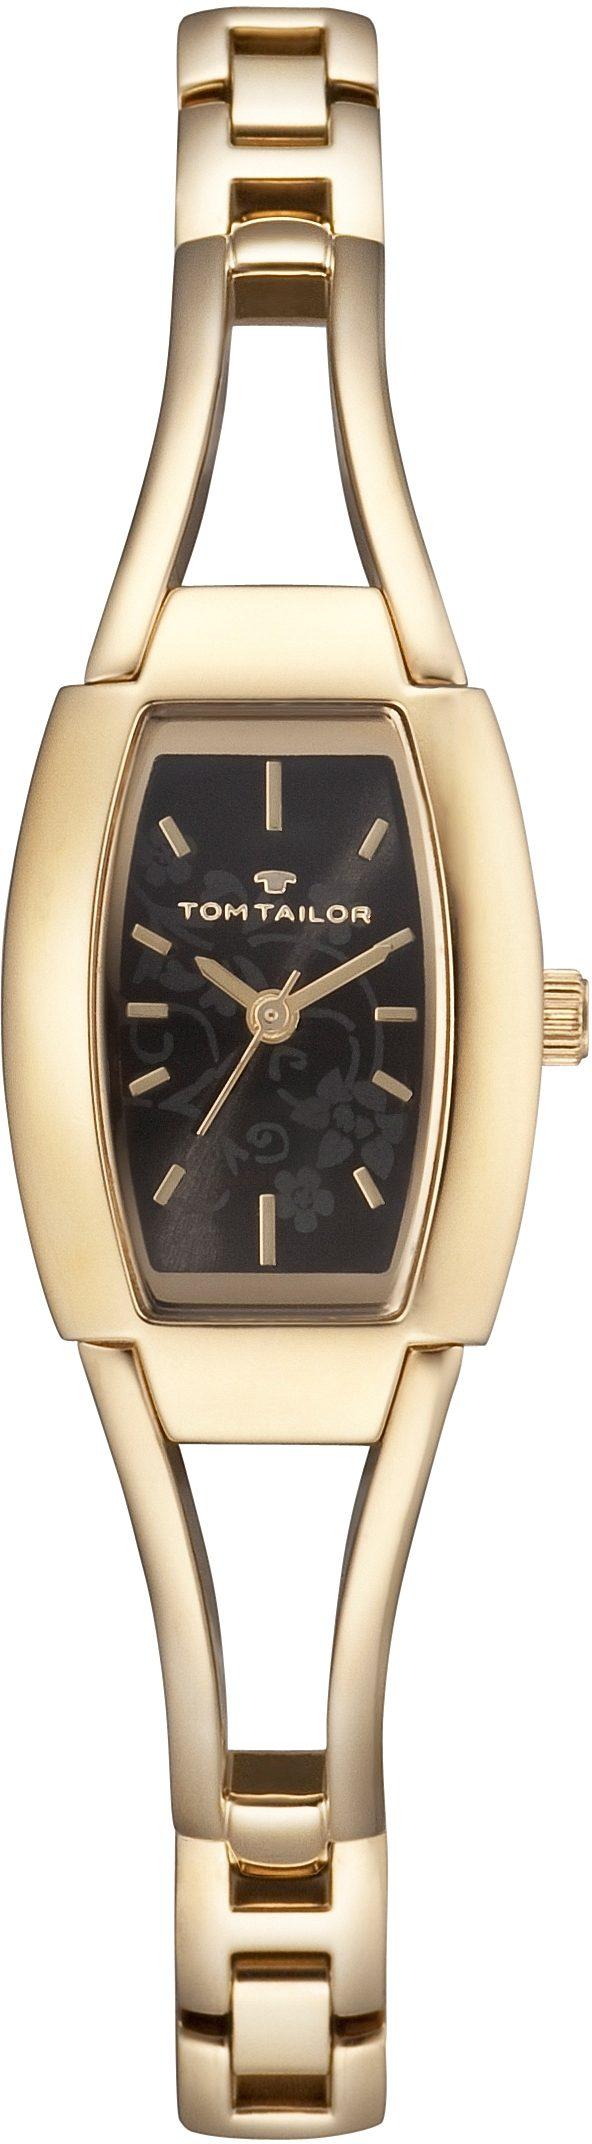 Tom Tailor Quarzuhr »5412803«